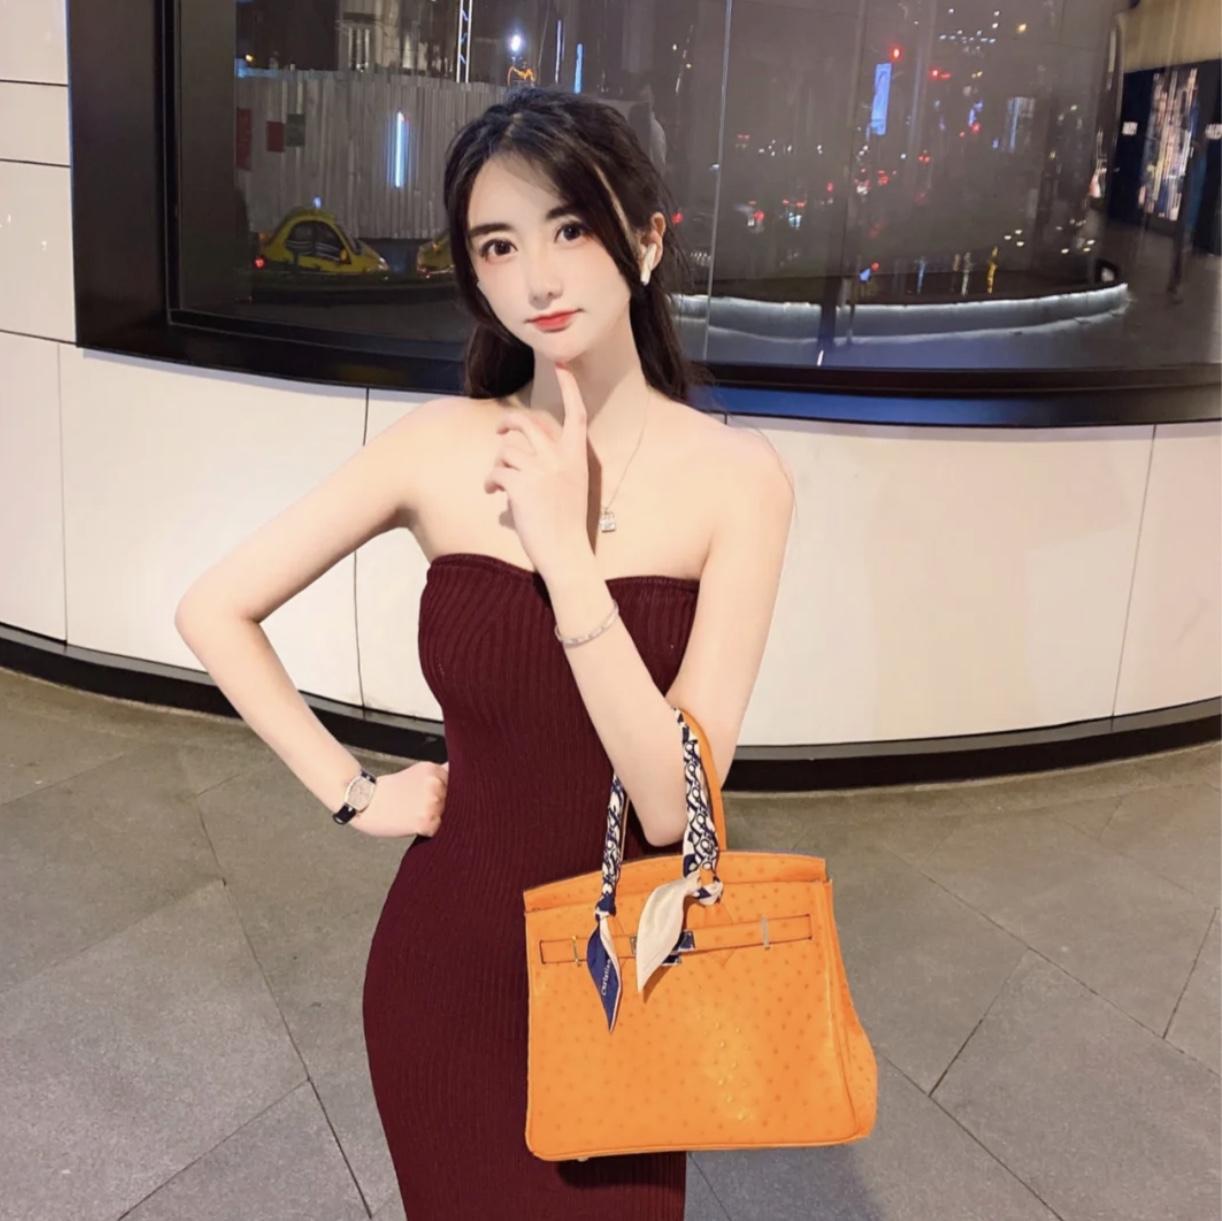 香港島中西區愛馬仕Hermes Birkin 30cm I9 Abricot 杏黃色 上身效果圖片